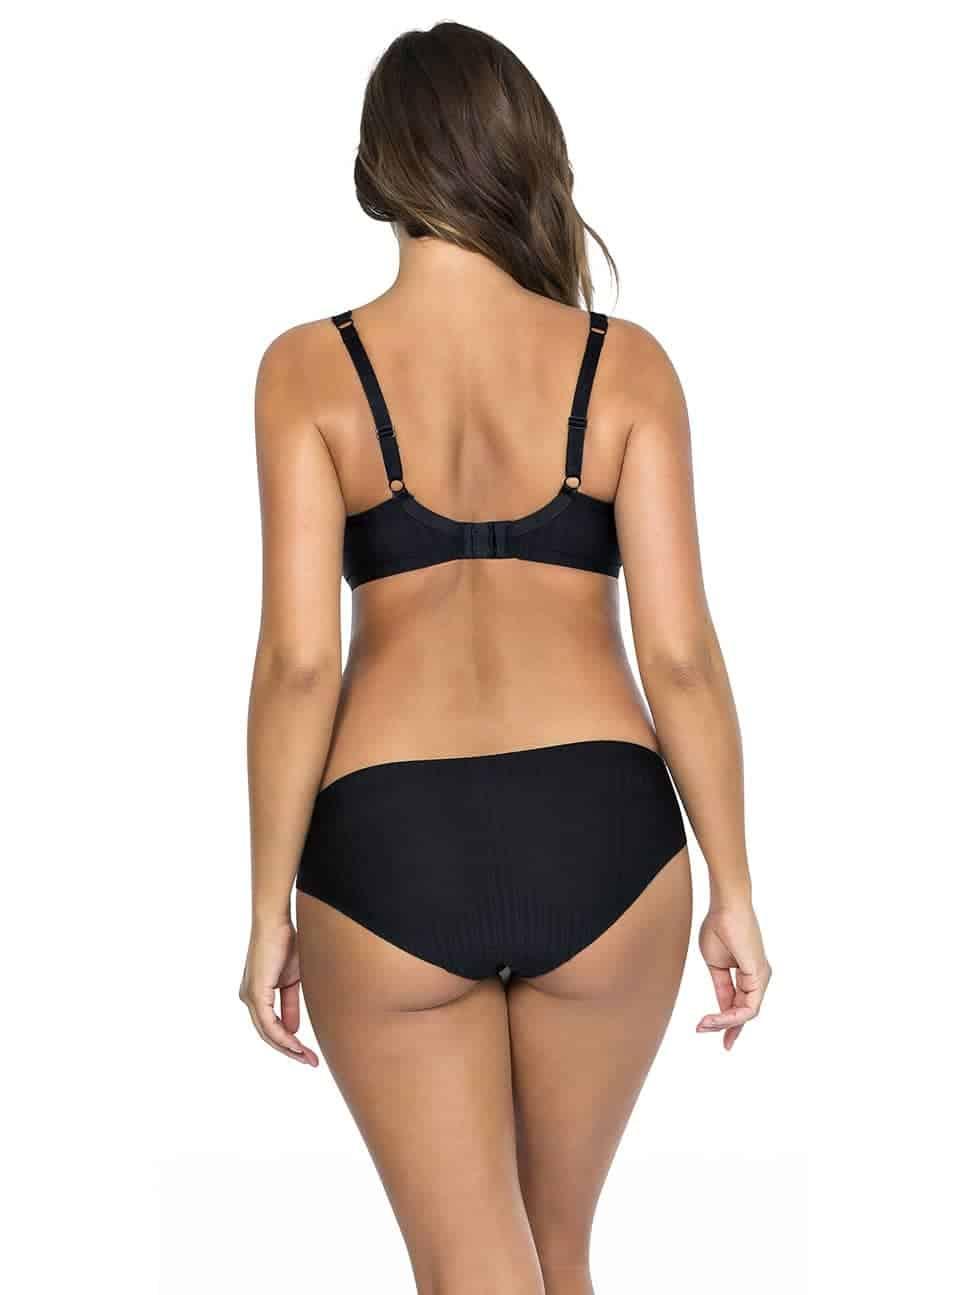 Aline TShirtBraP5251 BikiniP5253 Black Back - Aline Bikini - Black - P5253